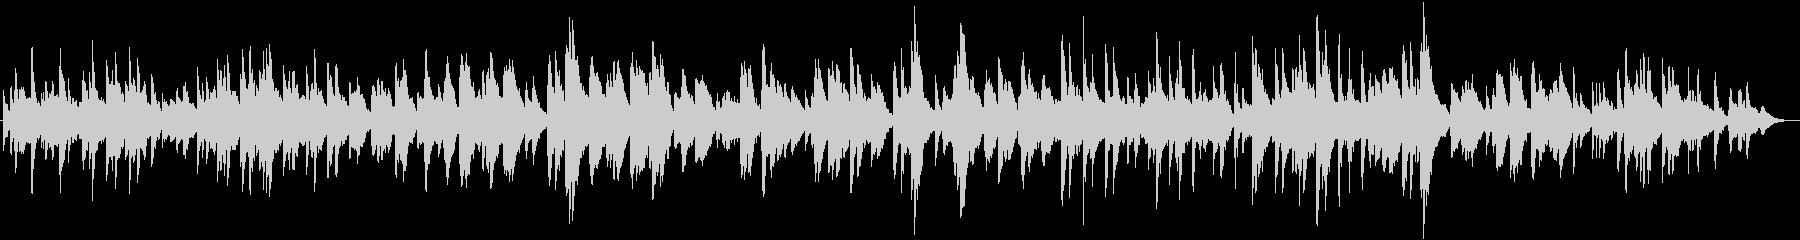 ピアノ アメージンググレイス クリスマスの未再生の波形